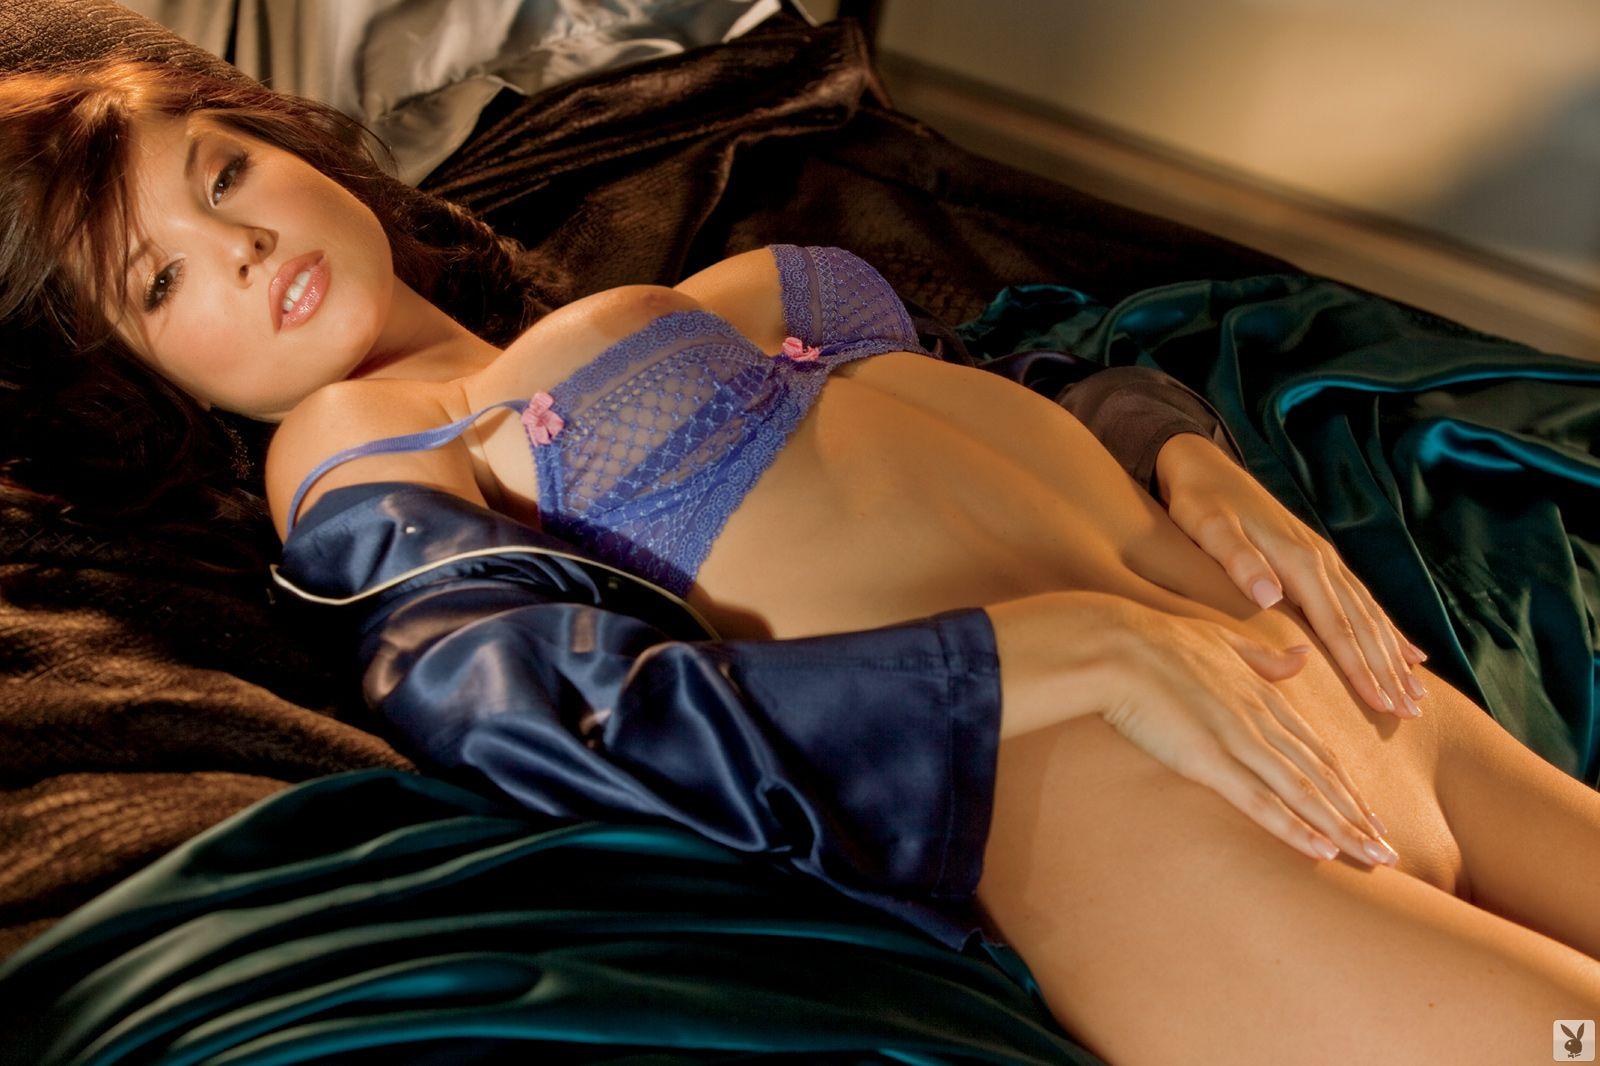 Amanda-Cerny-Nude-_thefappening (7)